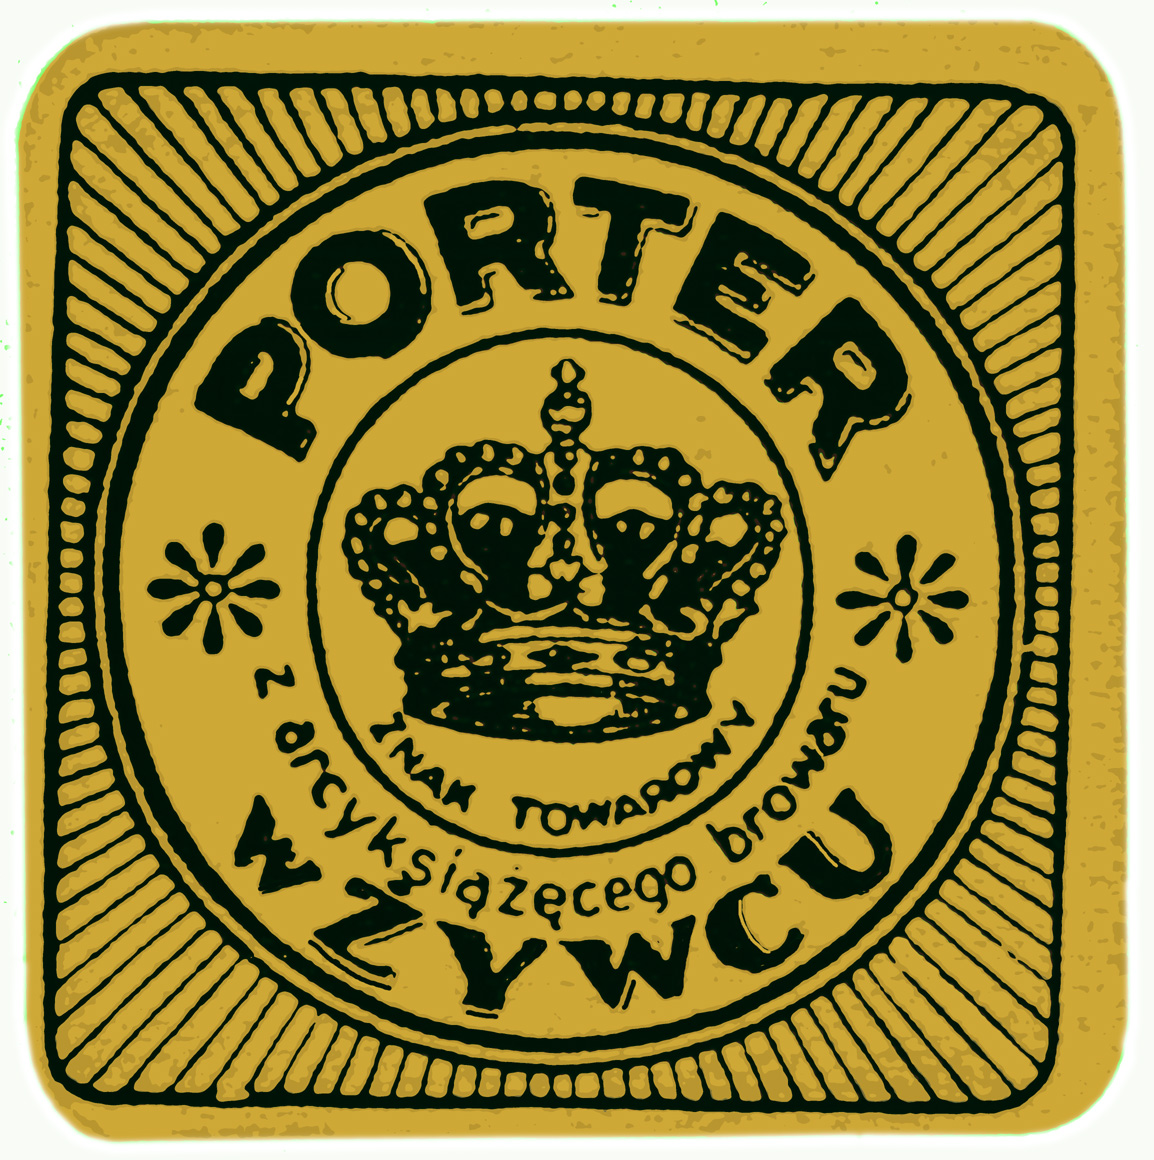 Stout Porter